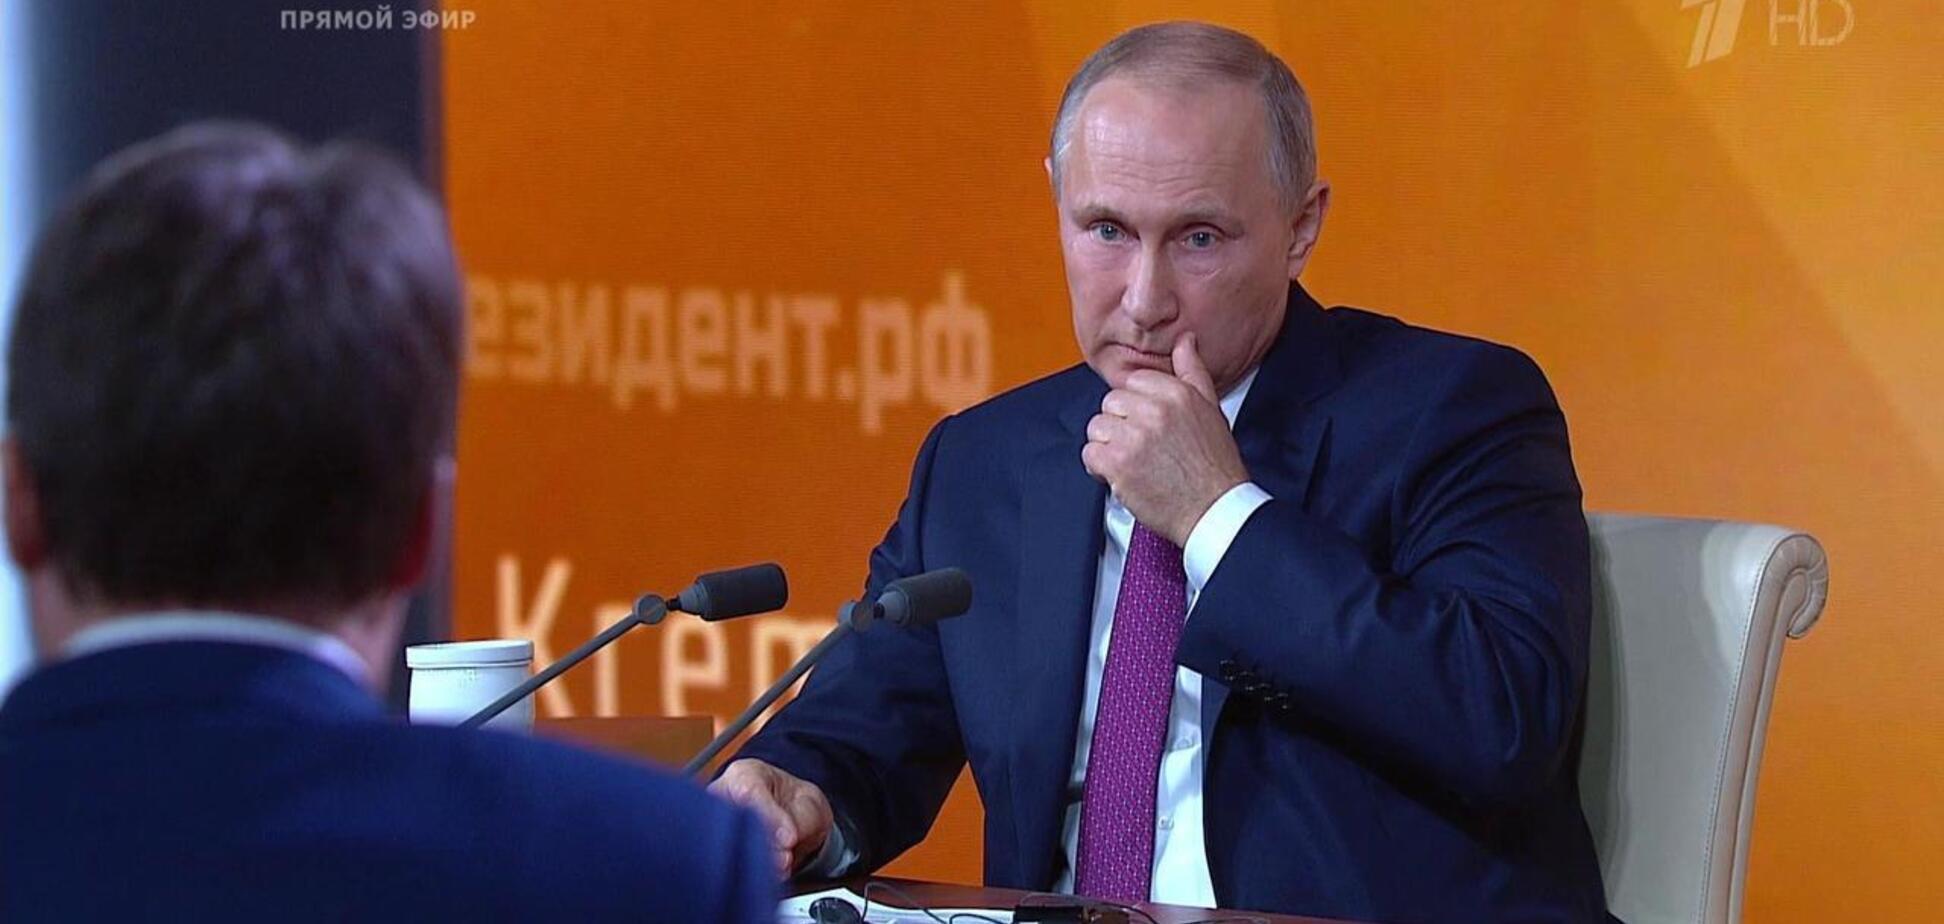 'Не допущу резни на Донбассе': генерал пояснил, что стоит за заявлением Путина